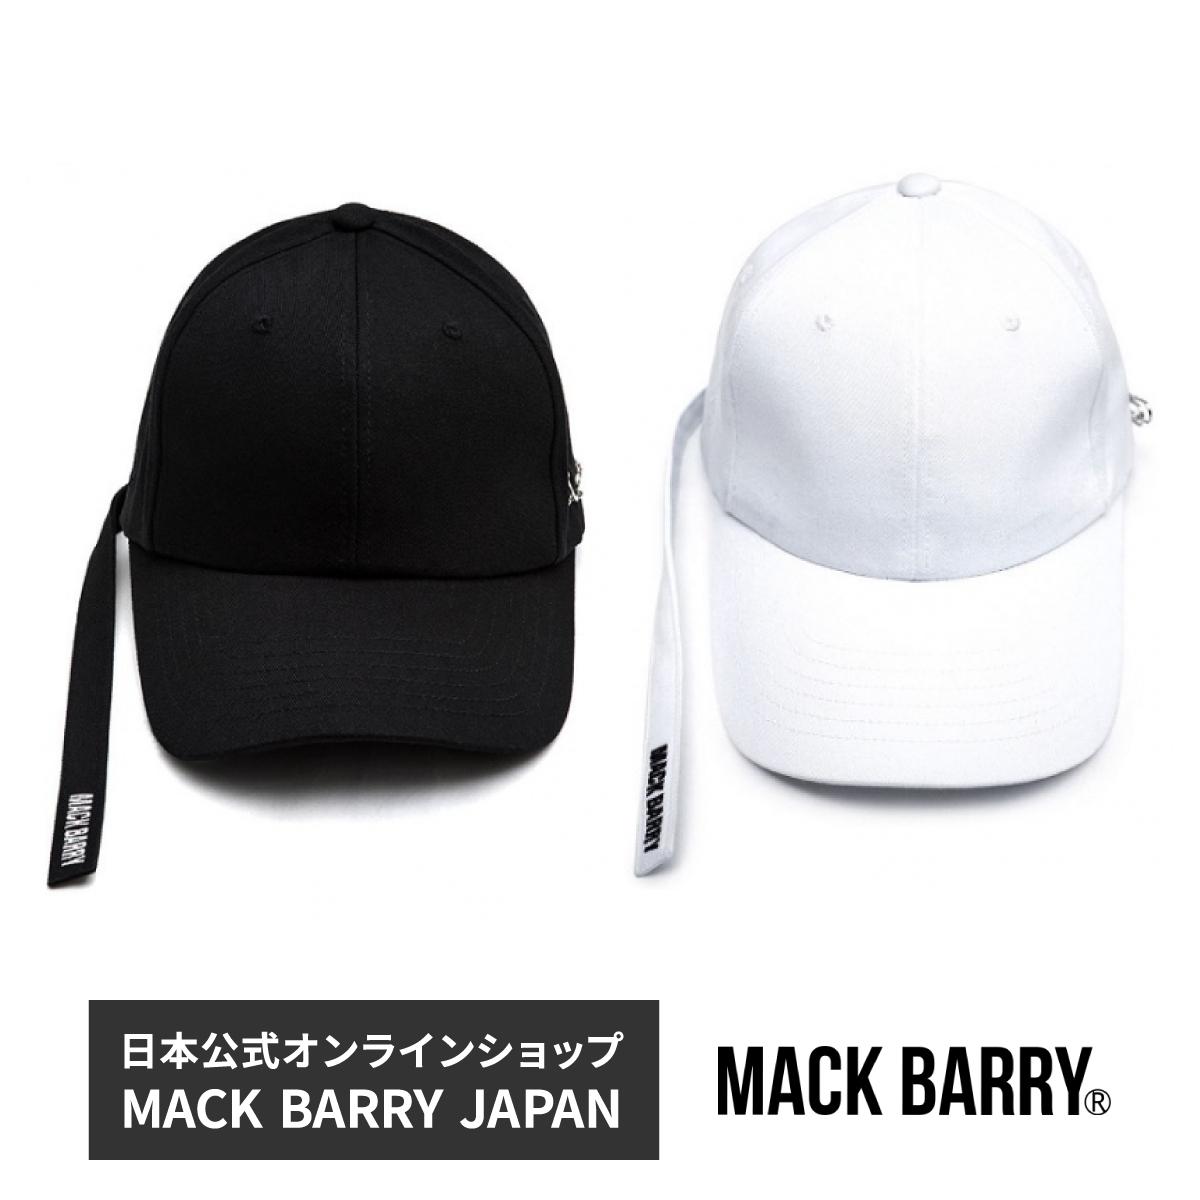 爆安プライス BTSをはじめ 韓国アーティストが多数着用する人気ヘッドウェアブランド MACK BARRY JAPAN の公式ショップ BTS着用ブランド 韓流アイドル着用で話題のキャップブランド LONGSTRAP CURVE レディース 帽子 待望 メンズ men's マクバリー lady's キャップ 国内正規品 CAP